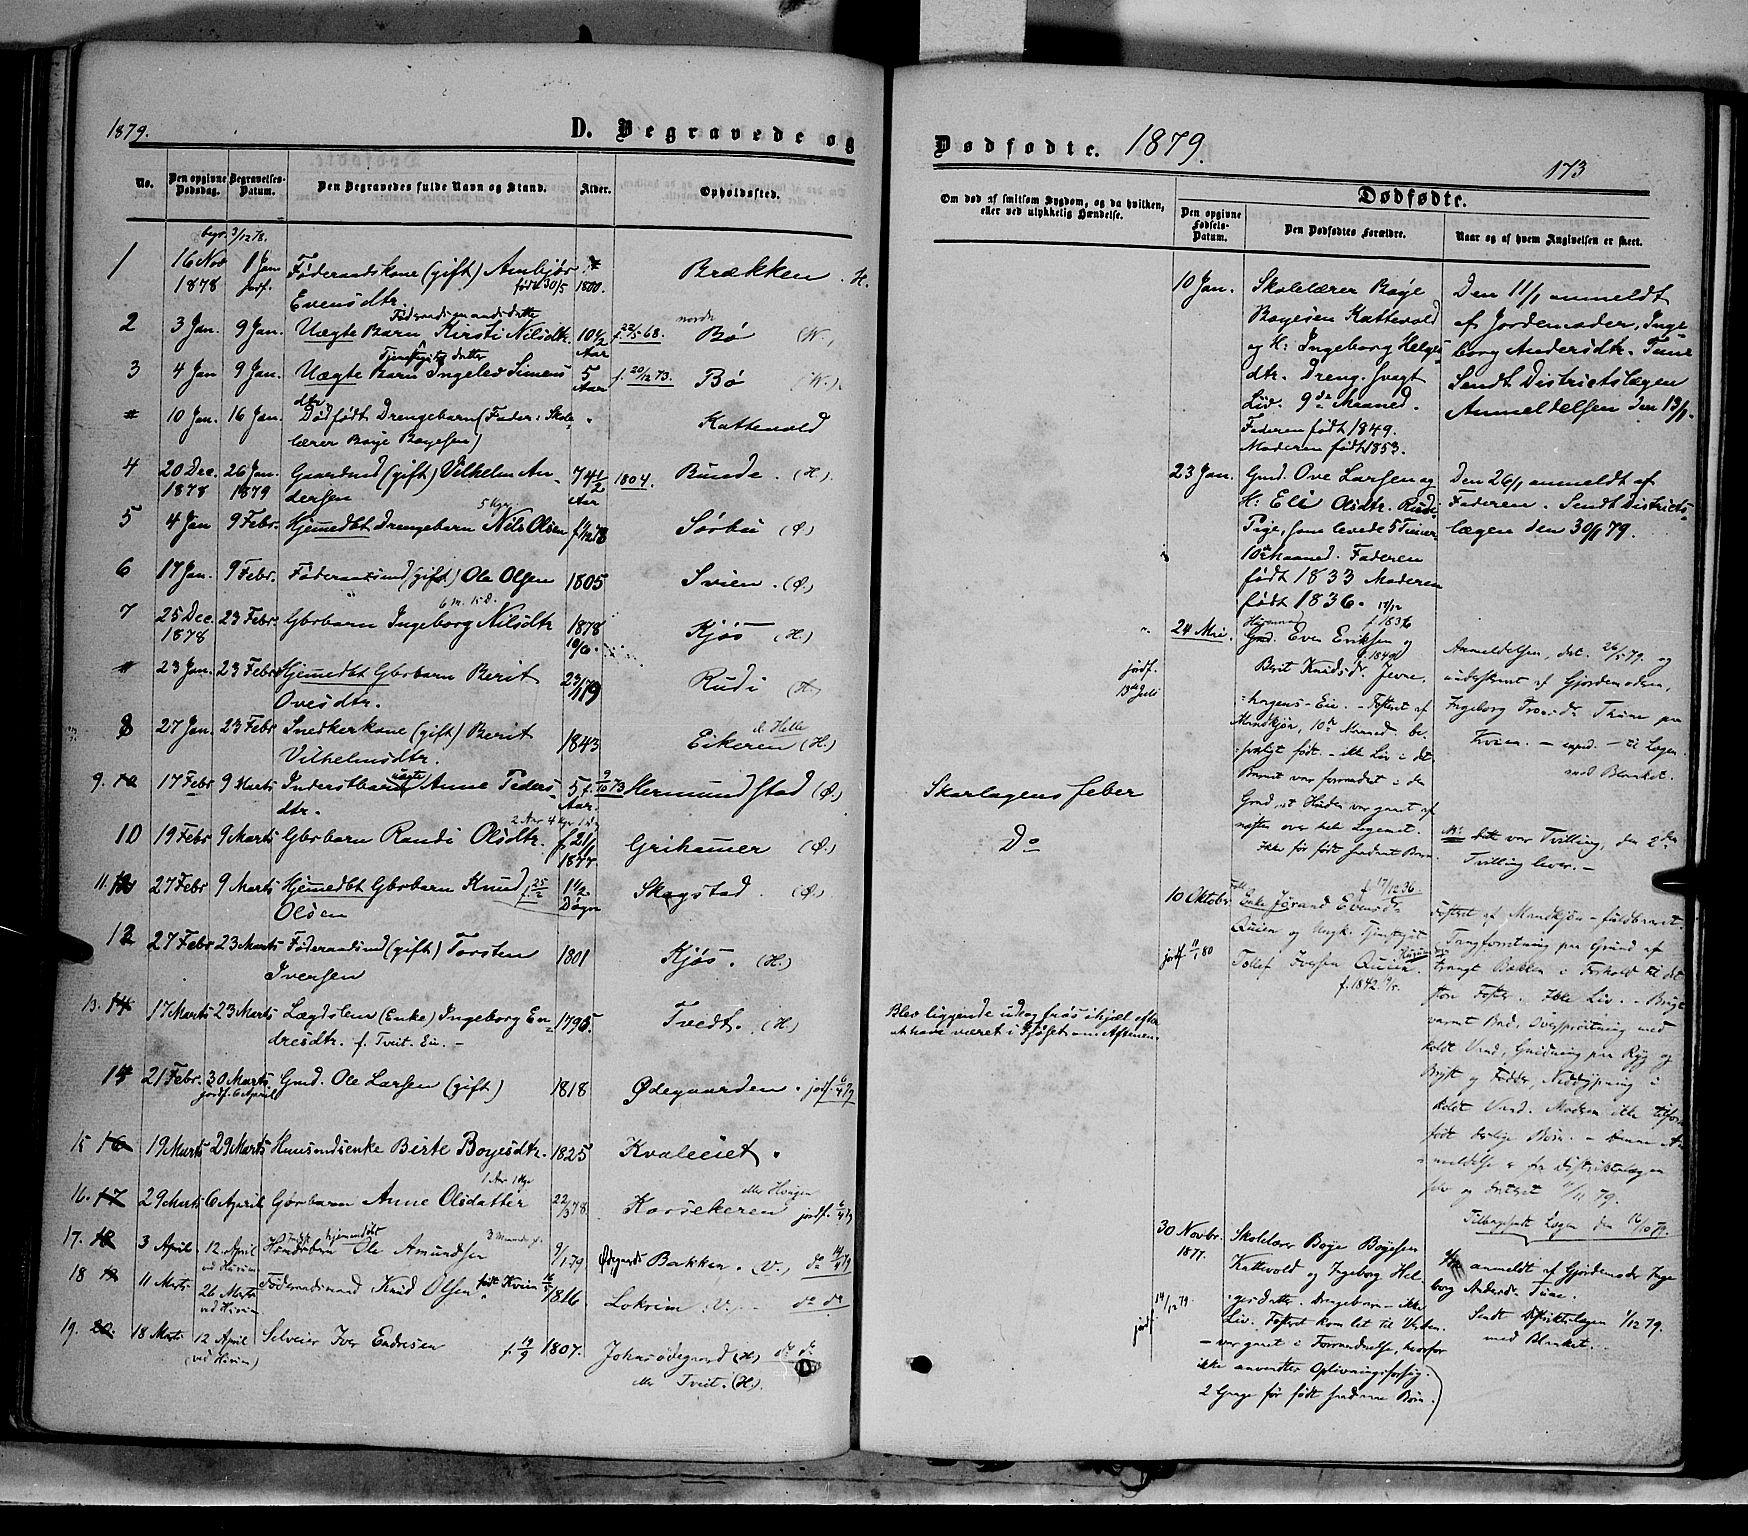 SAH, Vang prestekontor, Valdres, Ministerialbok nr. 7, 1865-1881, s. 173